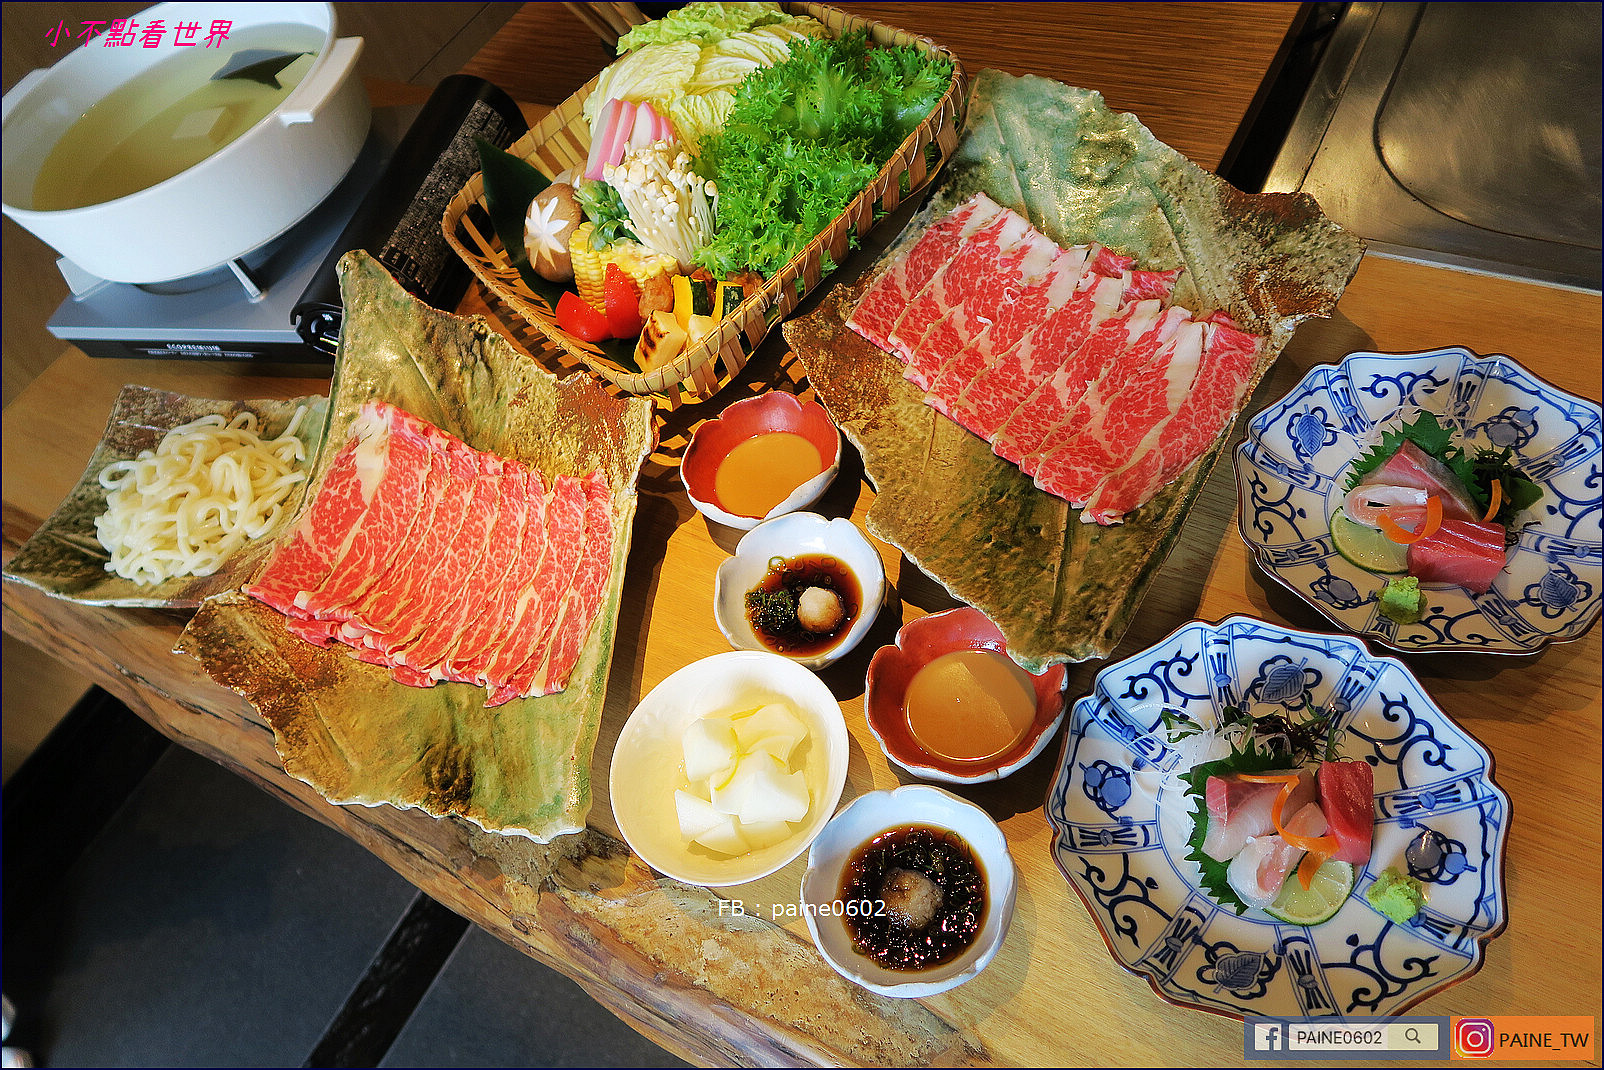 美福大飯店 台灣美食展